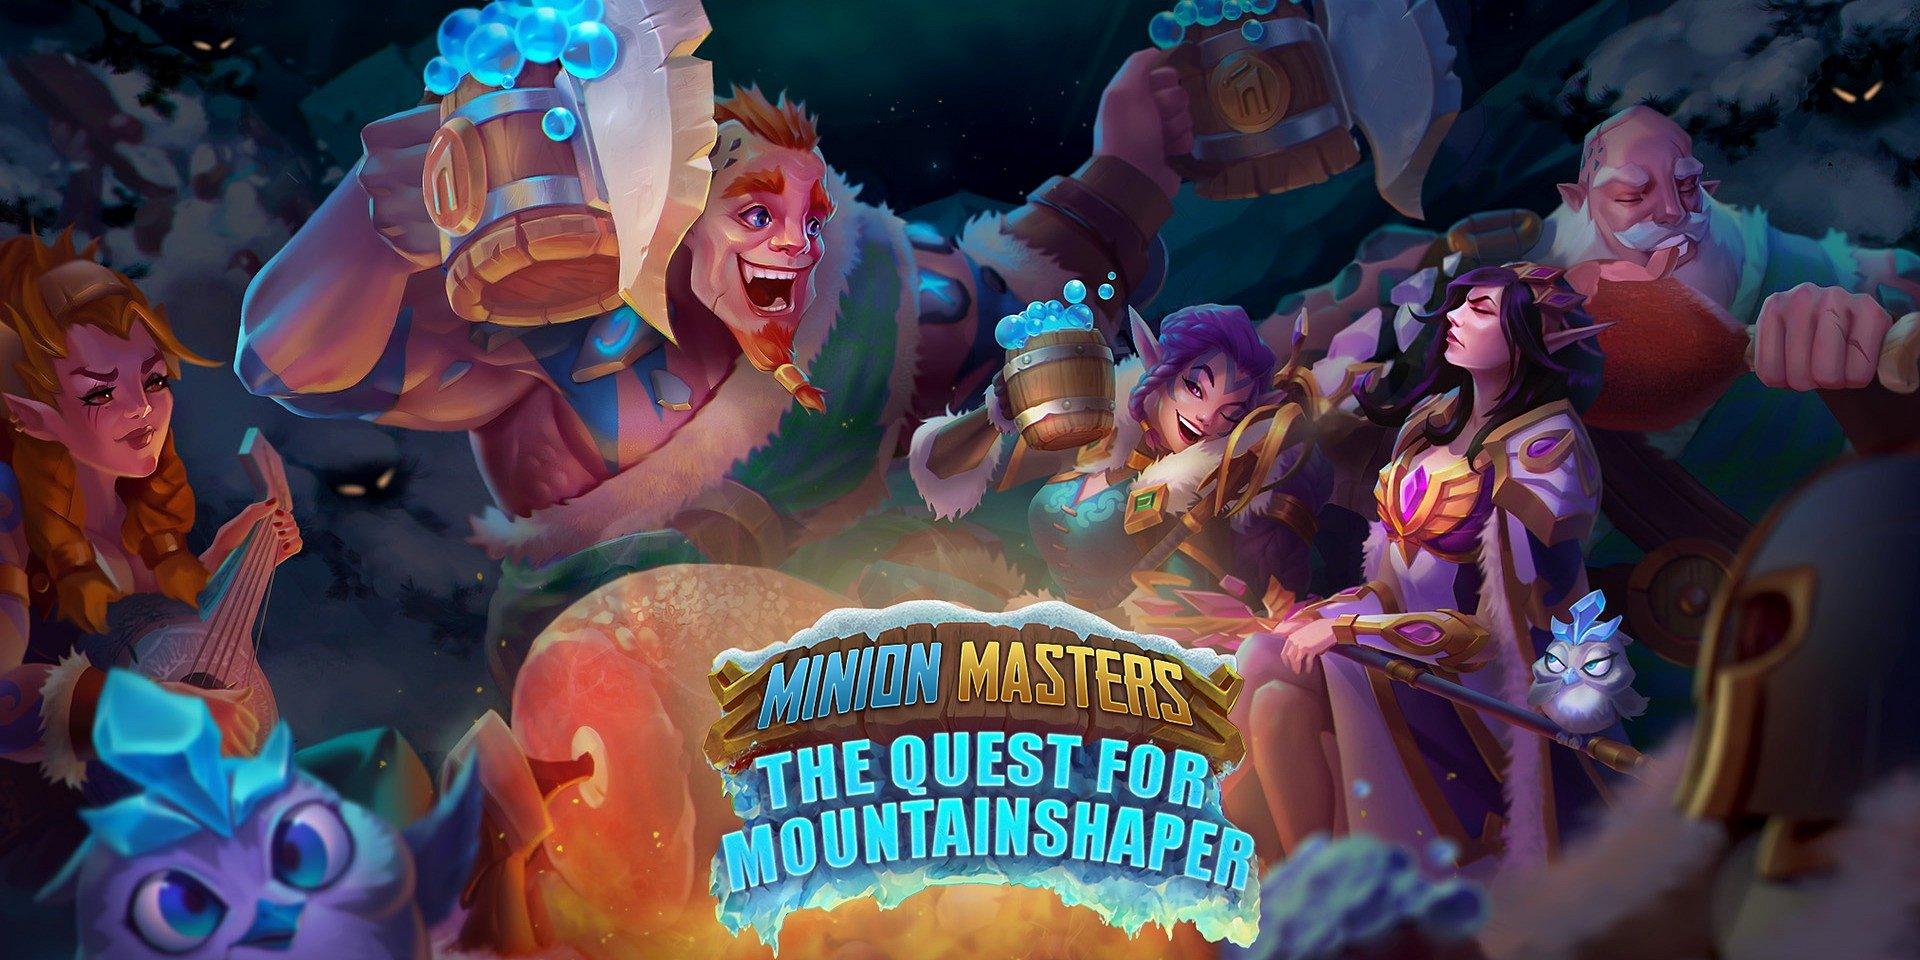 Ainsi, la quête de Mountainshaper commence ! Le mode histoire de Minion Masters arrive le 5 décembre !